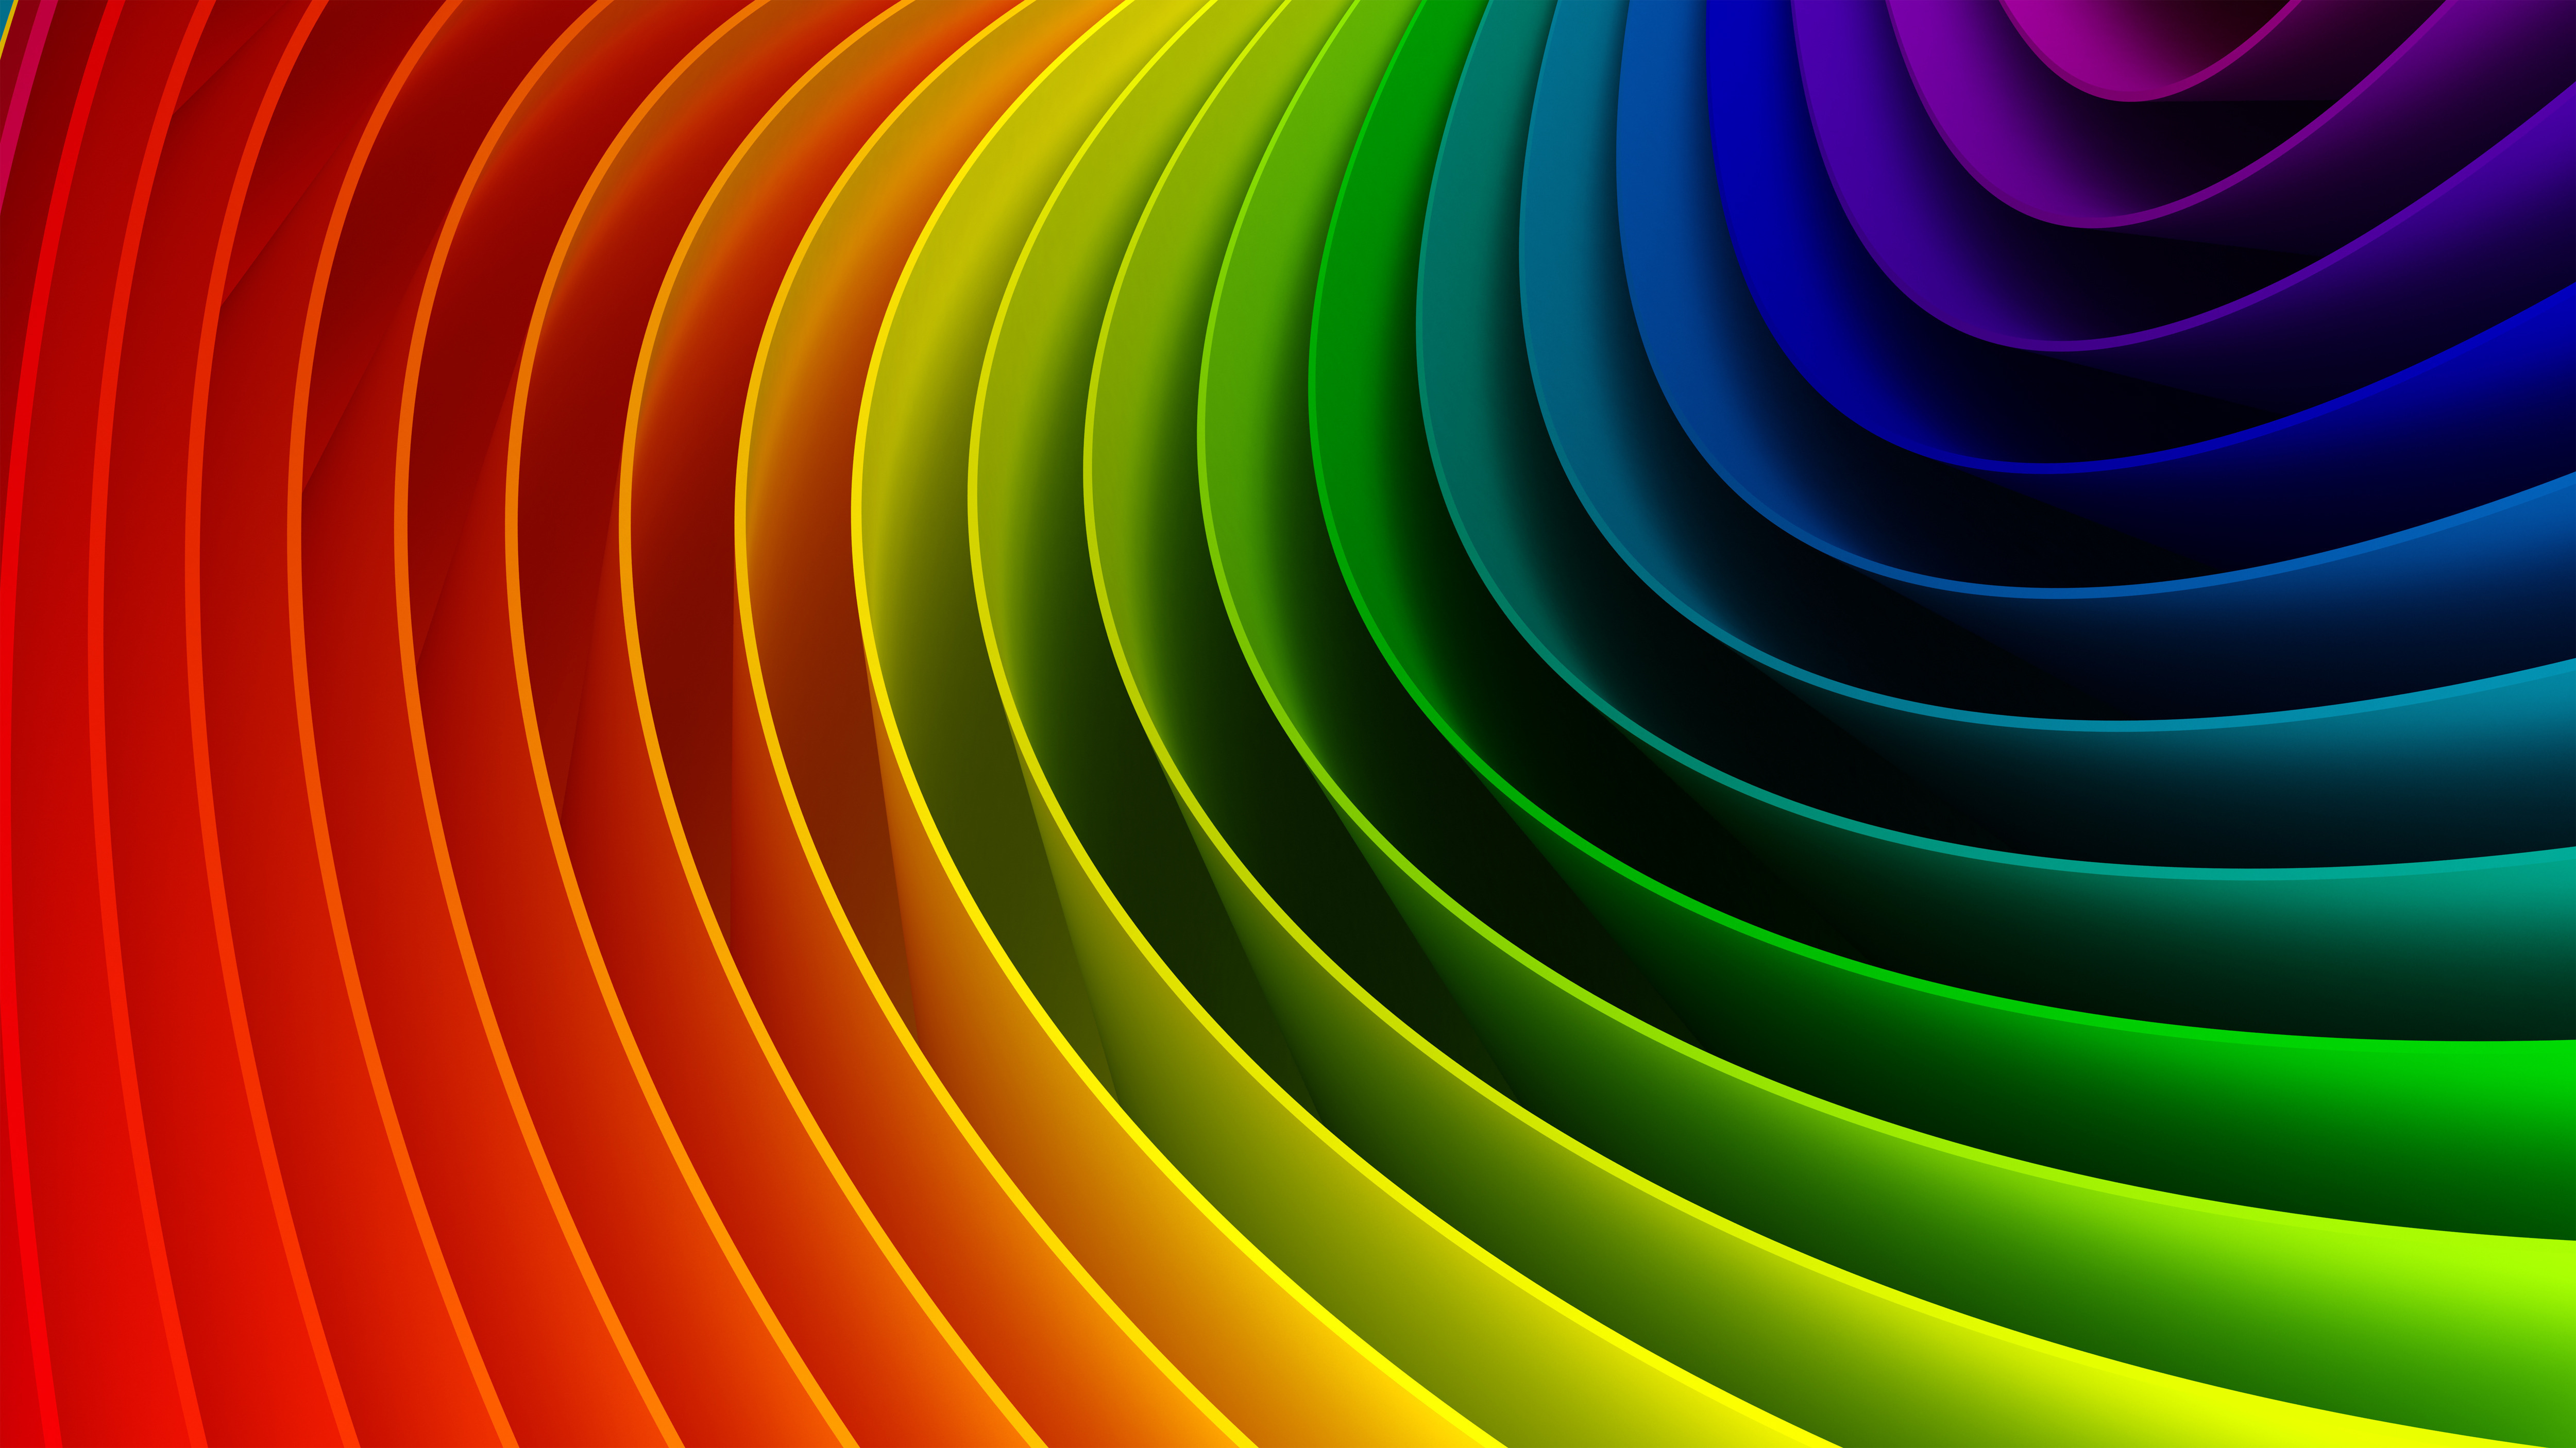 Il significato dei colori visione alchemica visione - Immagine di terra a colori ...